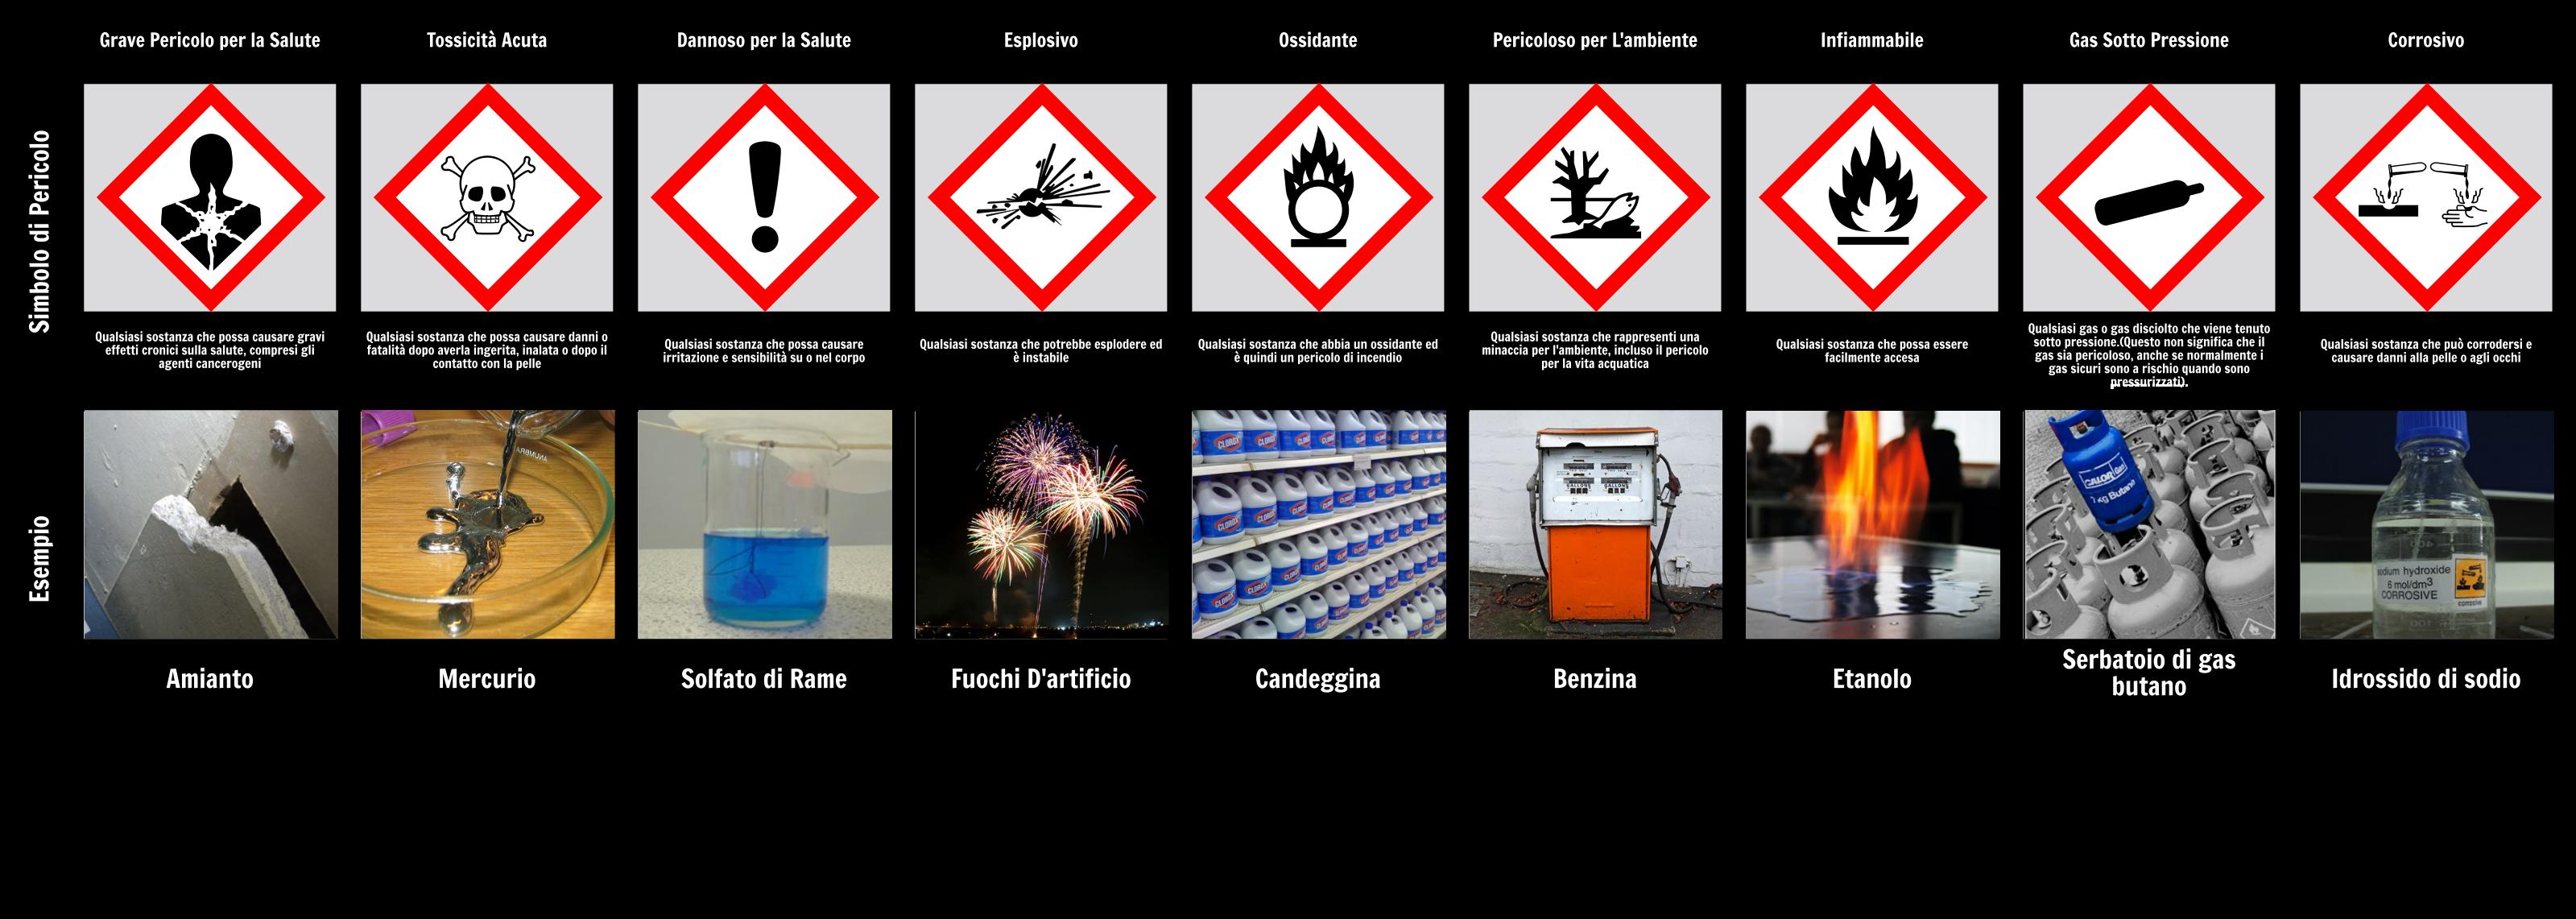 Grafico dei Simboli di Pericolo